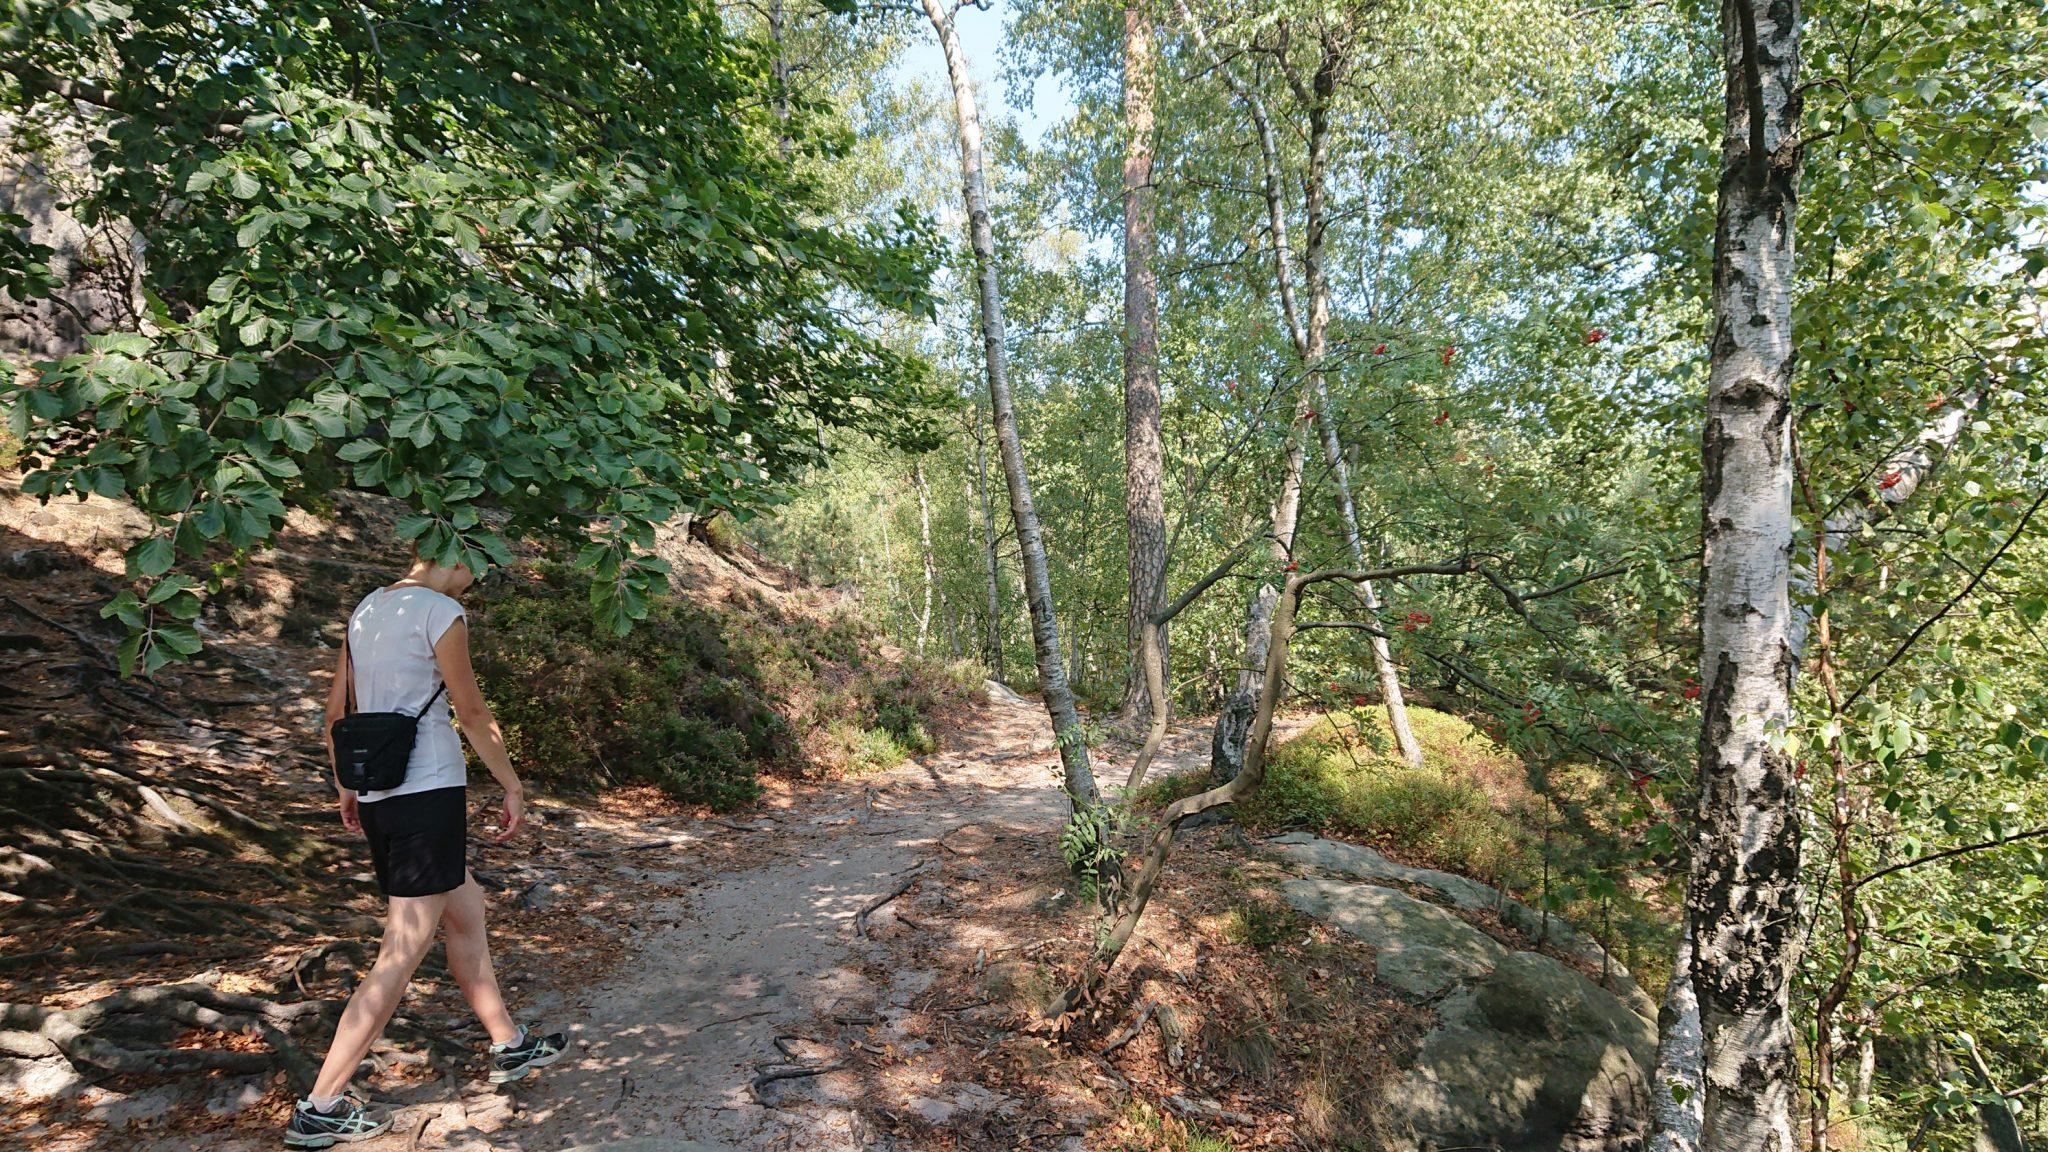 Hohe Liebe Schrammsteine Carolafelsen, Wanderweg im Wanderparadies Sächsische Schweiz mit vielen tollen Aussichten, riesiger Felsennationalpark, bei Hitze viele schattige Abschnitte